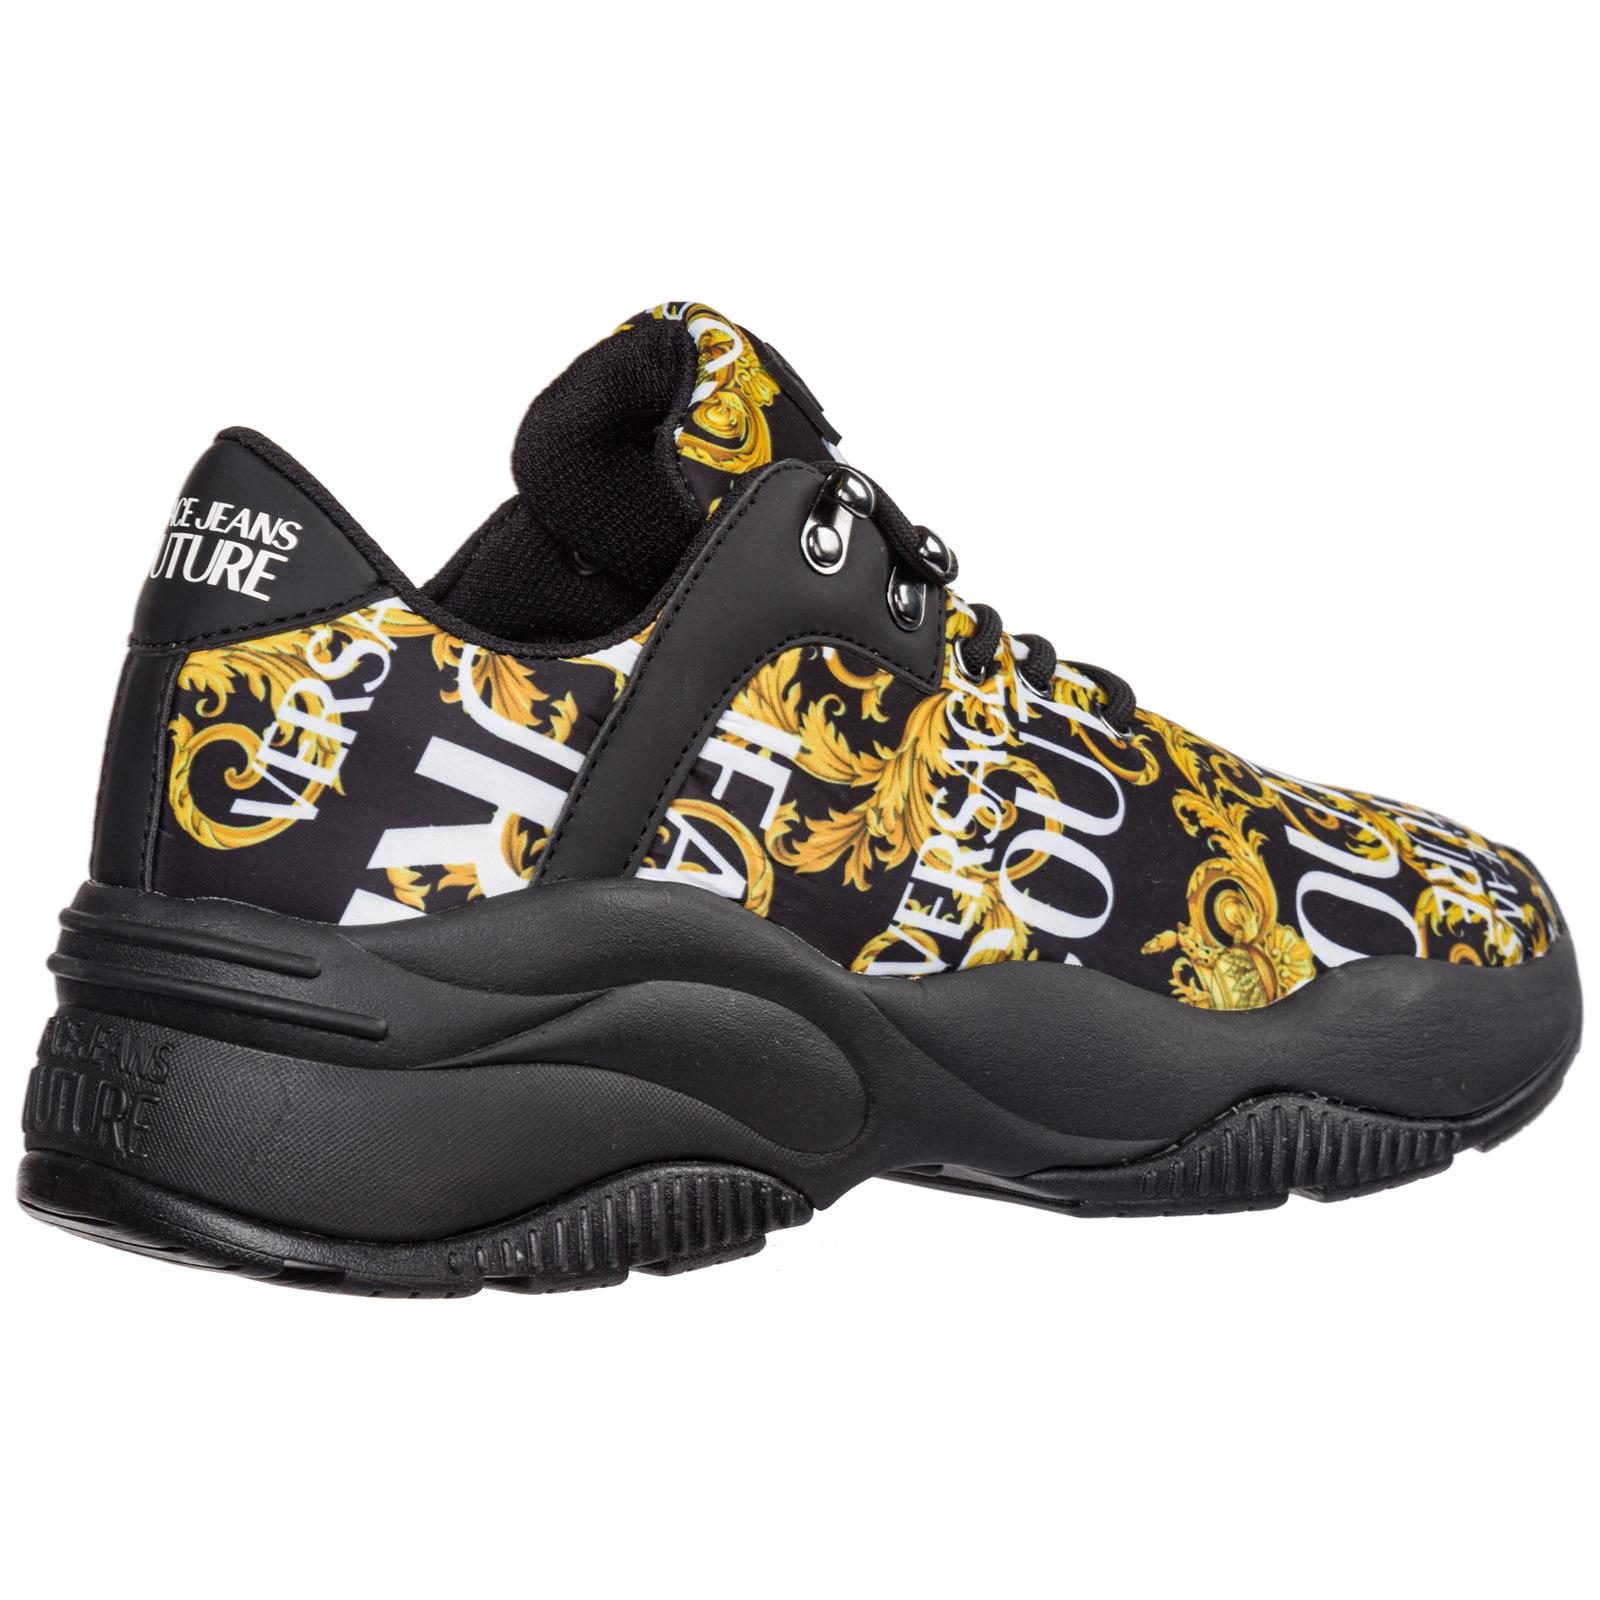 grande variété de modèles qualité parfaite taille 7 Chaussures baskets sneakers homme en nylon logo baroque